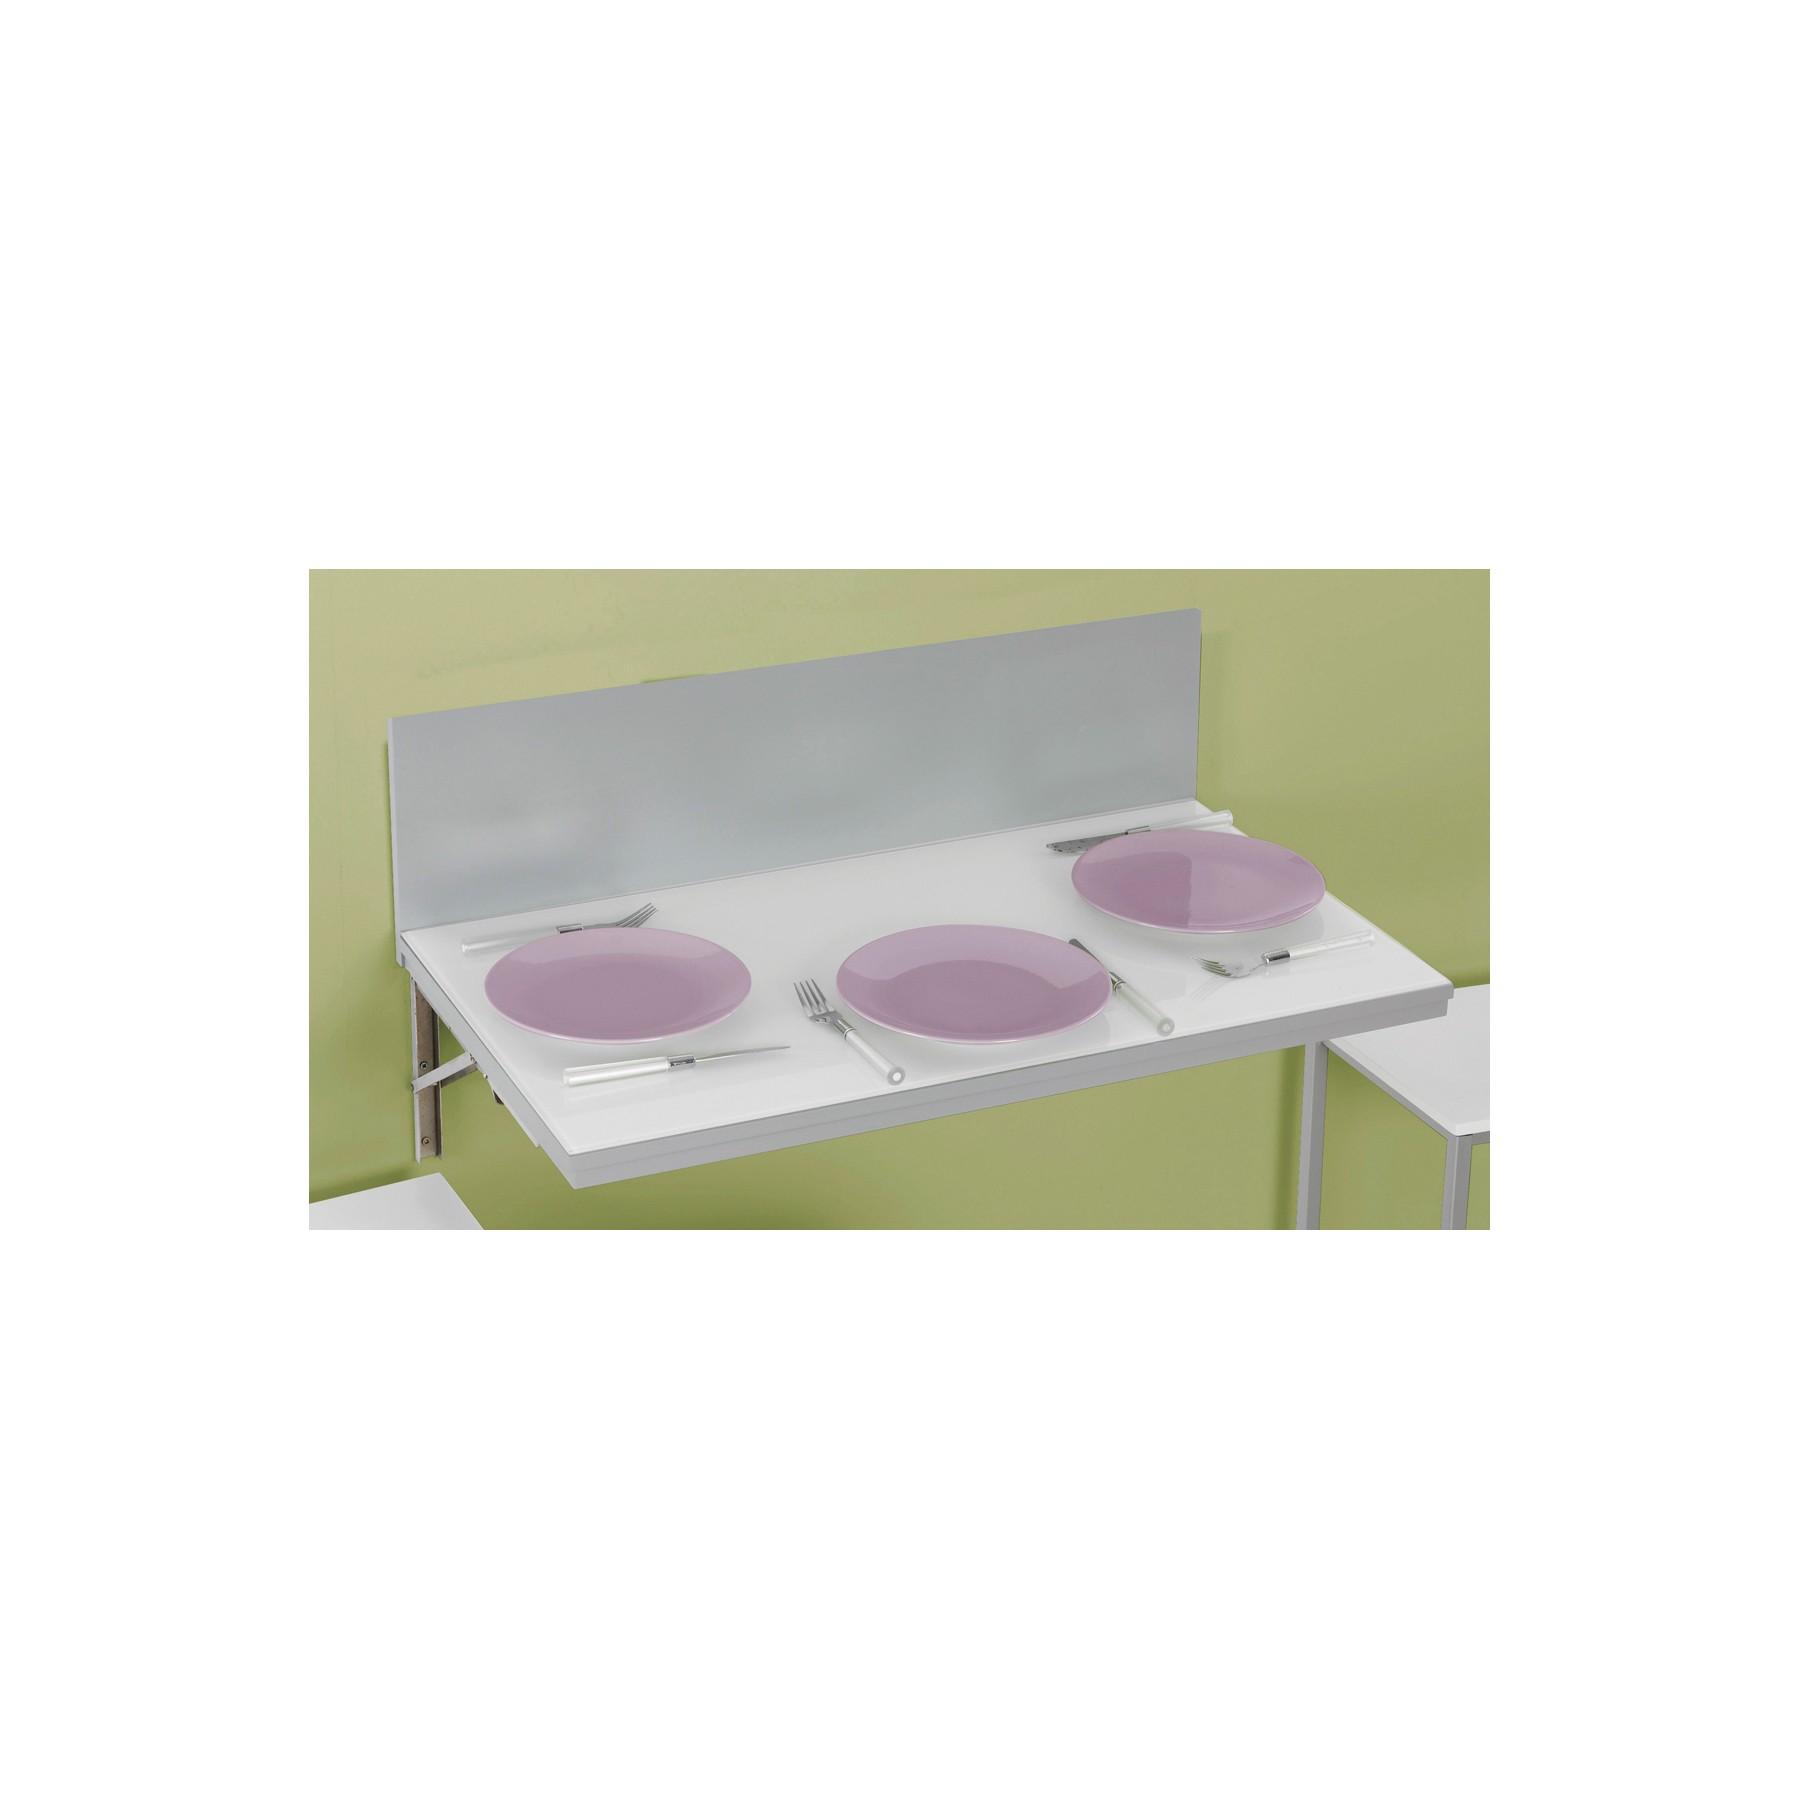 Conjunto de mesa de cocina de pared abatible y taburetes - Mesa y taburetes de cocina ...